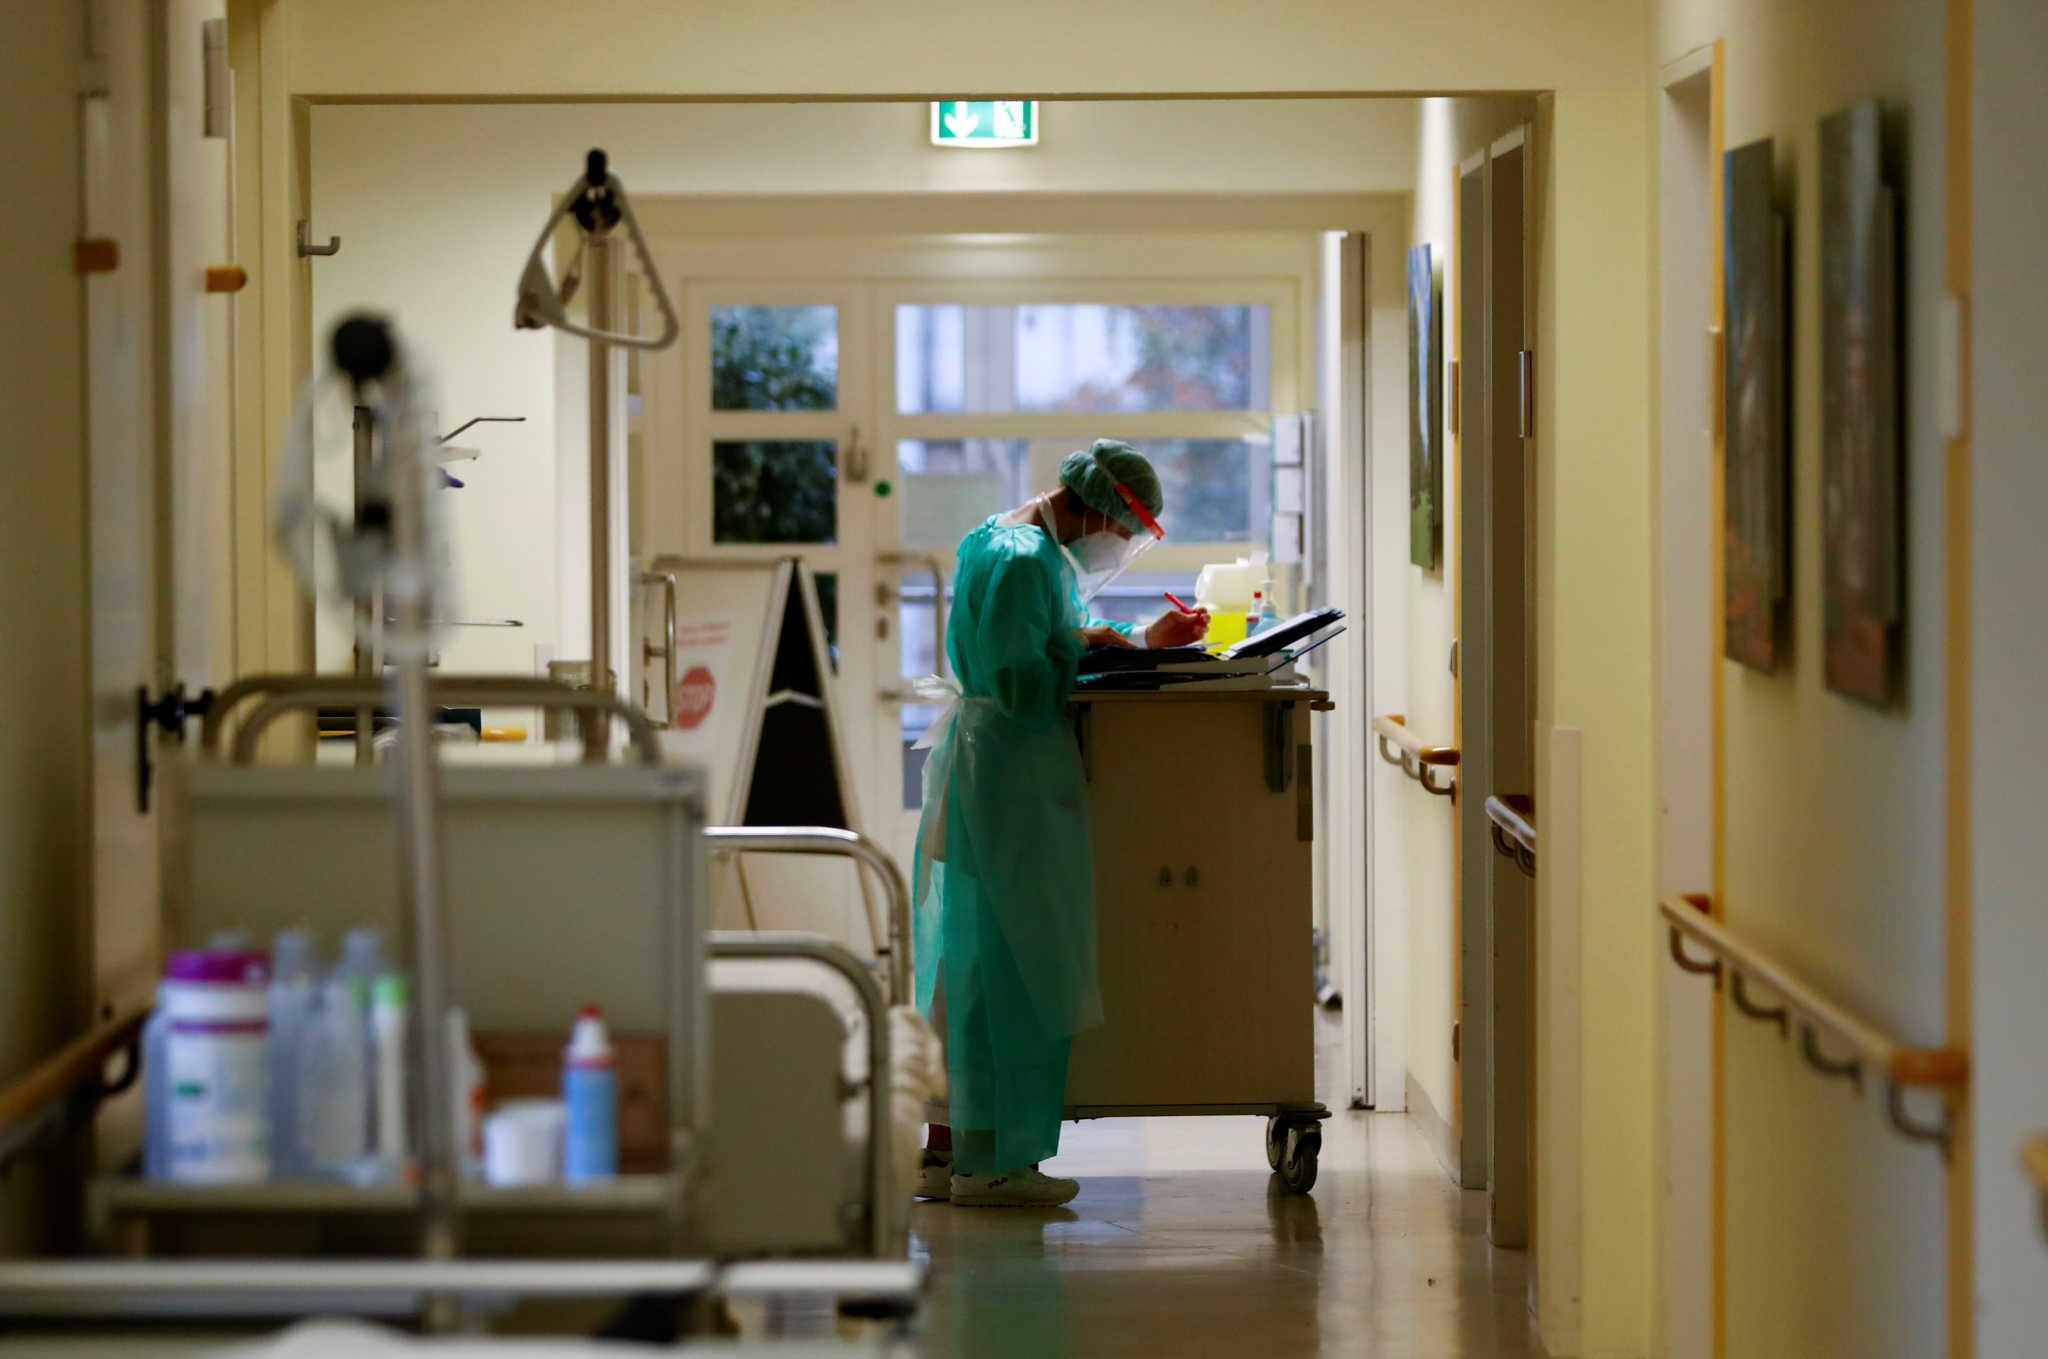 H Aχαΐα στο βαθύ κόκκινο και η ΥΠΕ ρωτά για τις κλίνες του Νοσοκομείου Αγρινίου